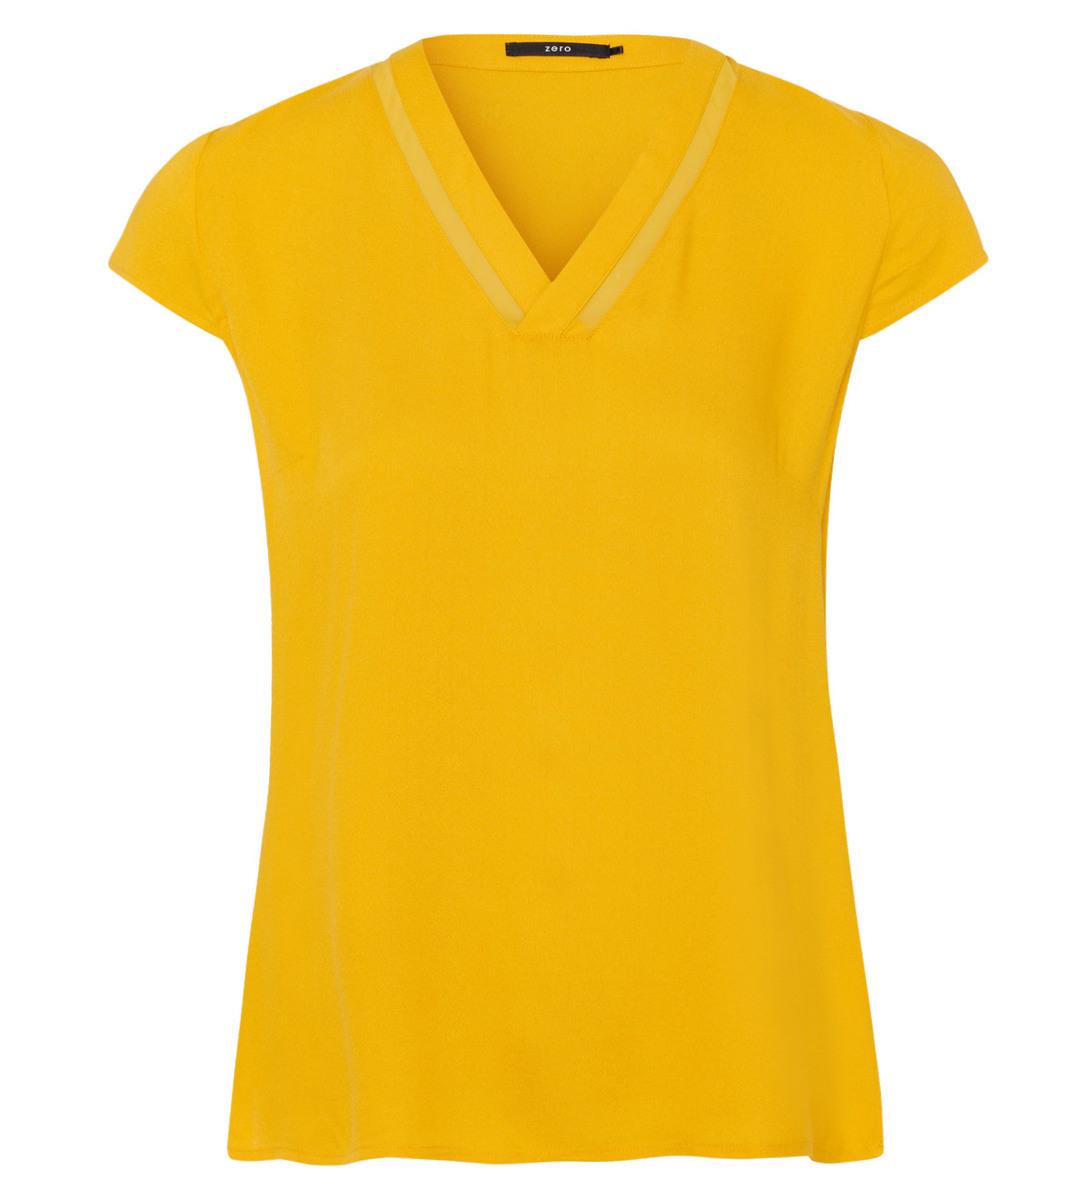 Bluse mit Flügelärmeln in safran yellow